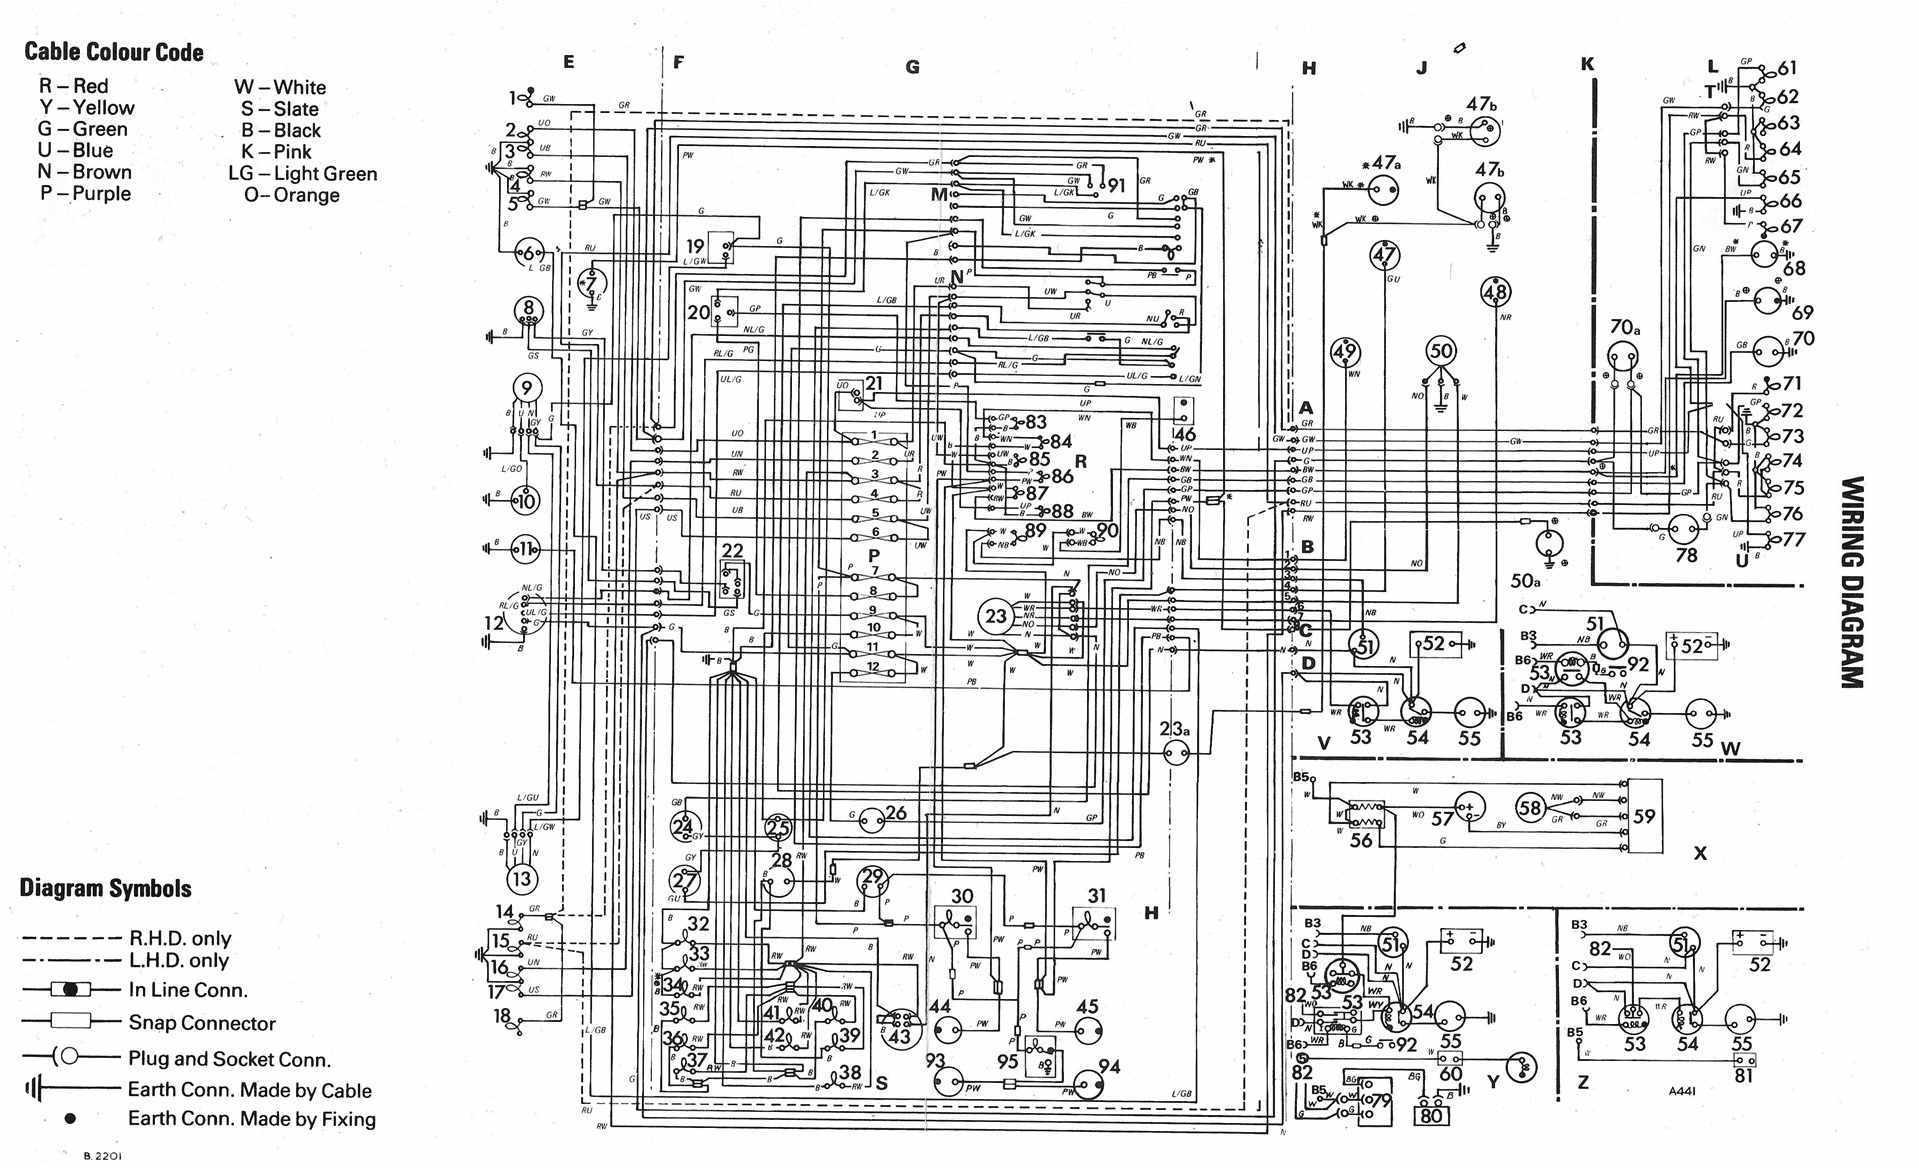 [GJFJ_338]  DT_3743] Vw Golf Wiring Diagram Vw Jetta Wiring Diagram 2008 Vw Rabbit  Wiring | 1997 Golf Wiring Diagram |  | Gray Benkeme Mohammedshrine Librar Wiring 101